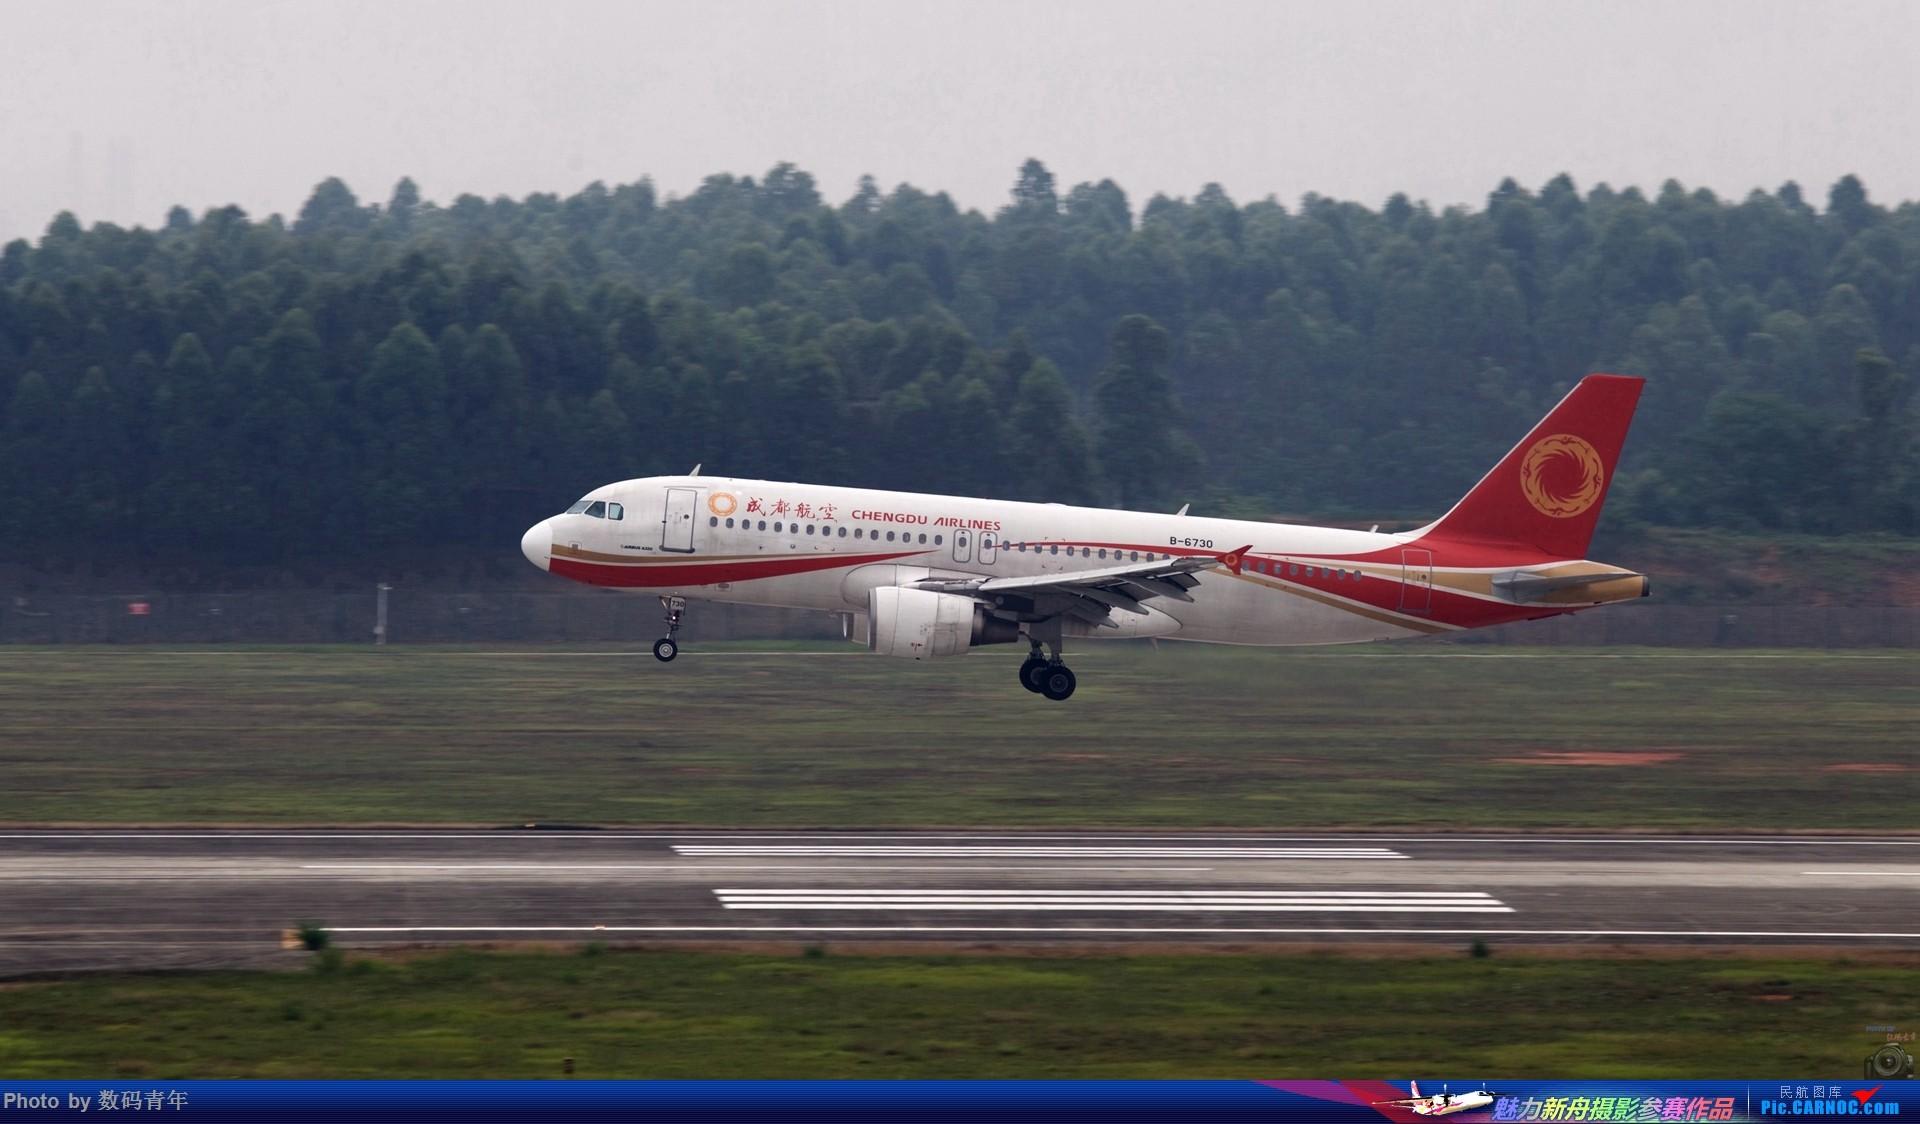 Re:[原创]重出江湖【CTU】2015.5.17打飞机 AIRBUS A320-200 B-6730 中国成都双流国际机场